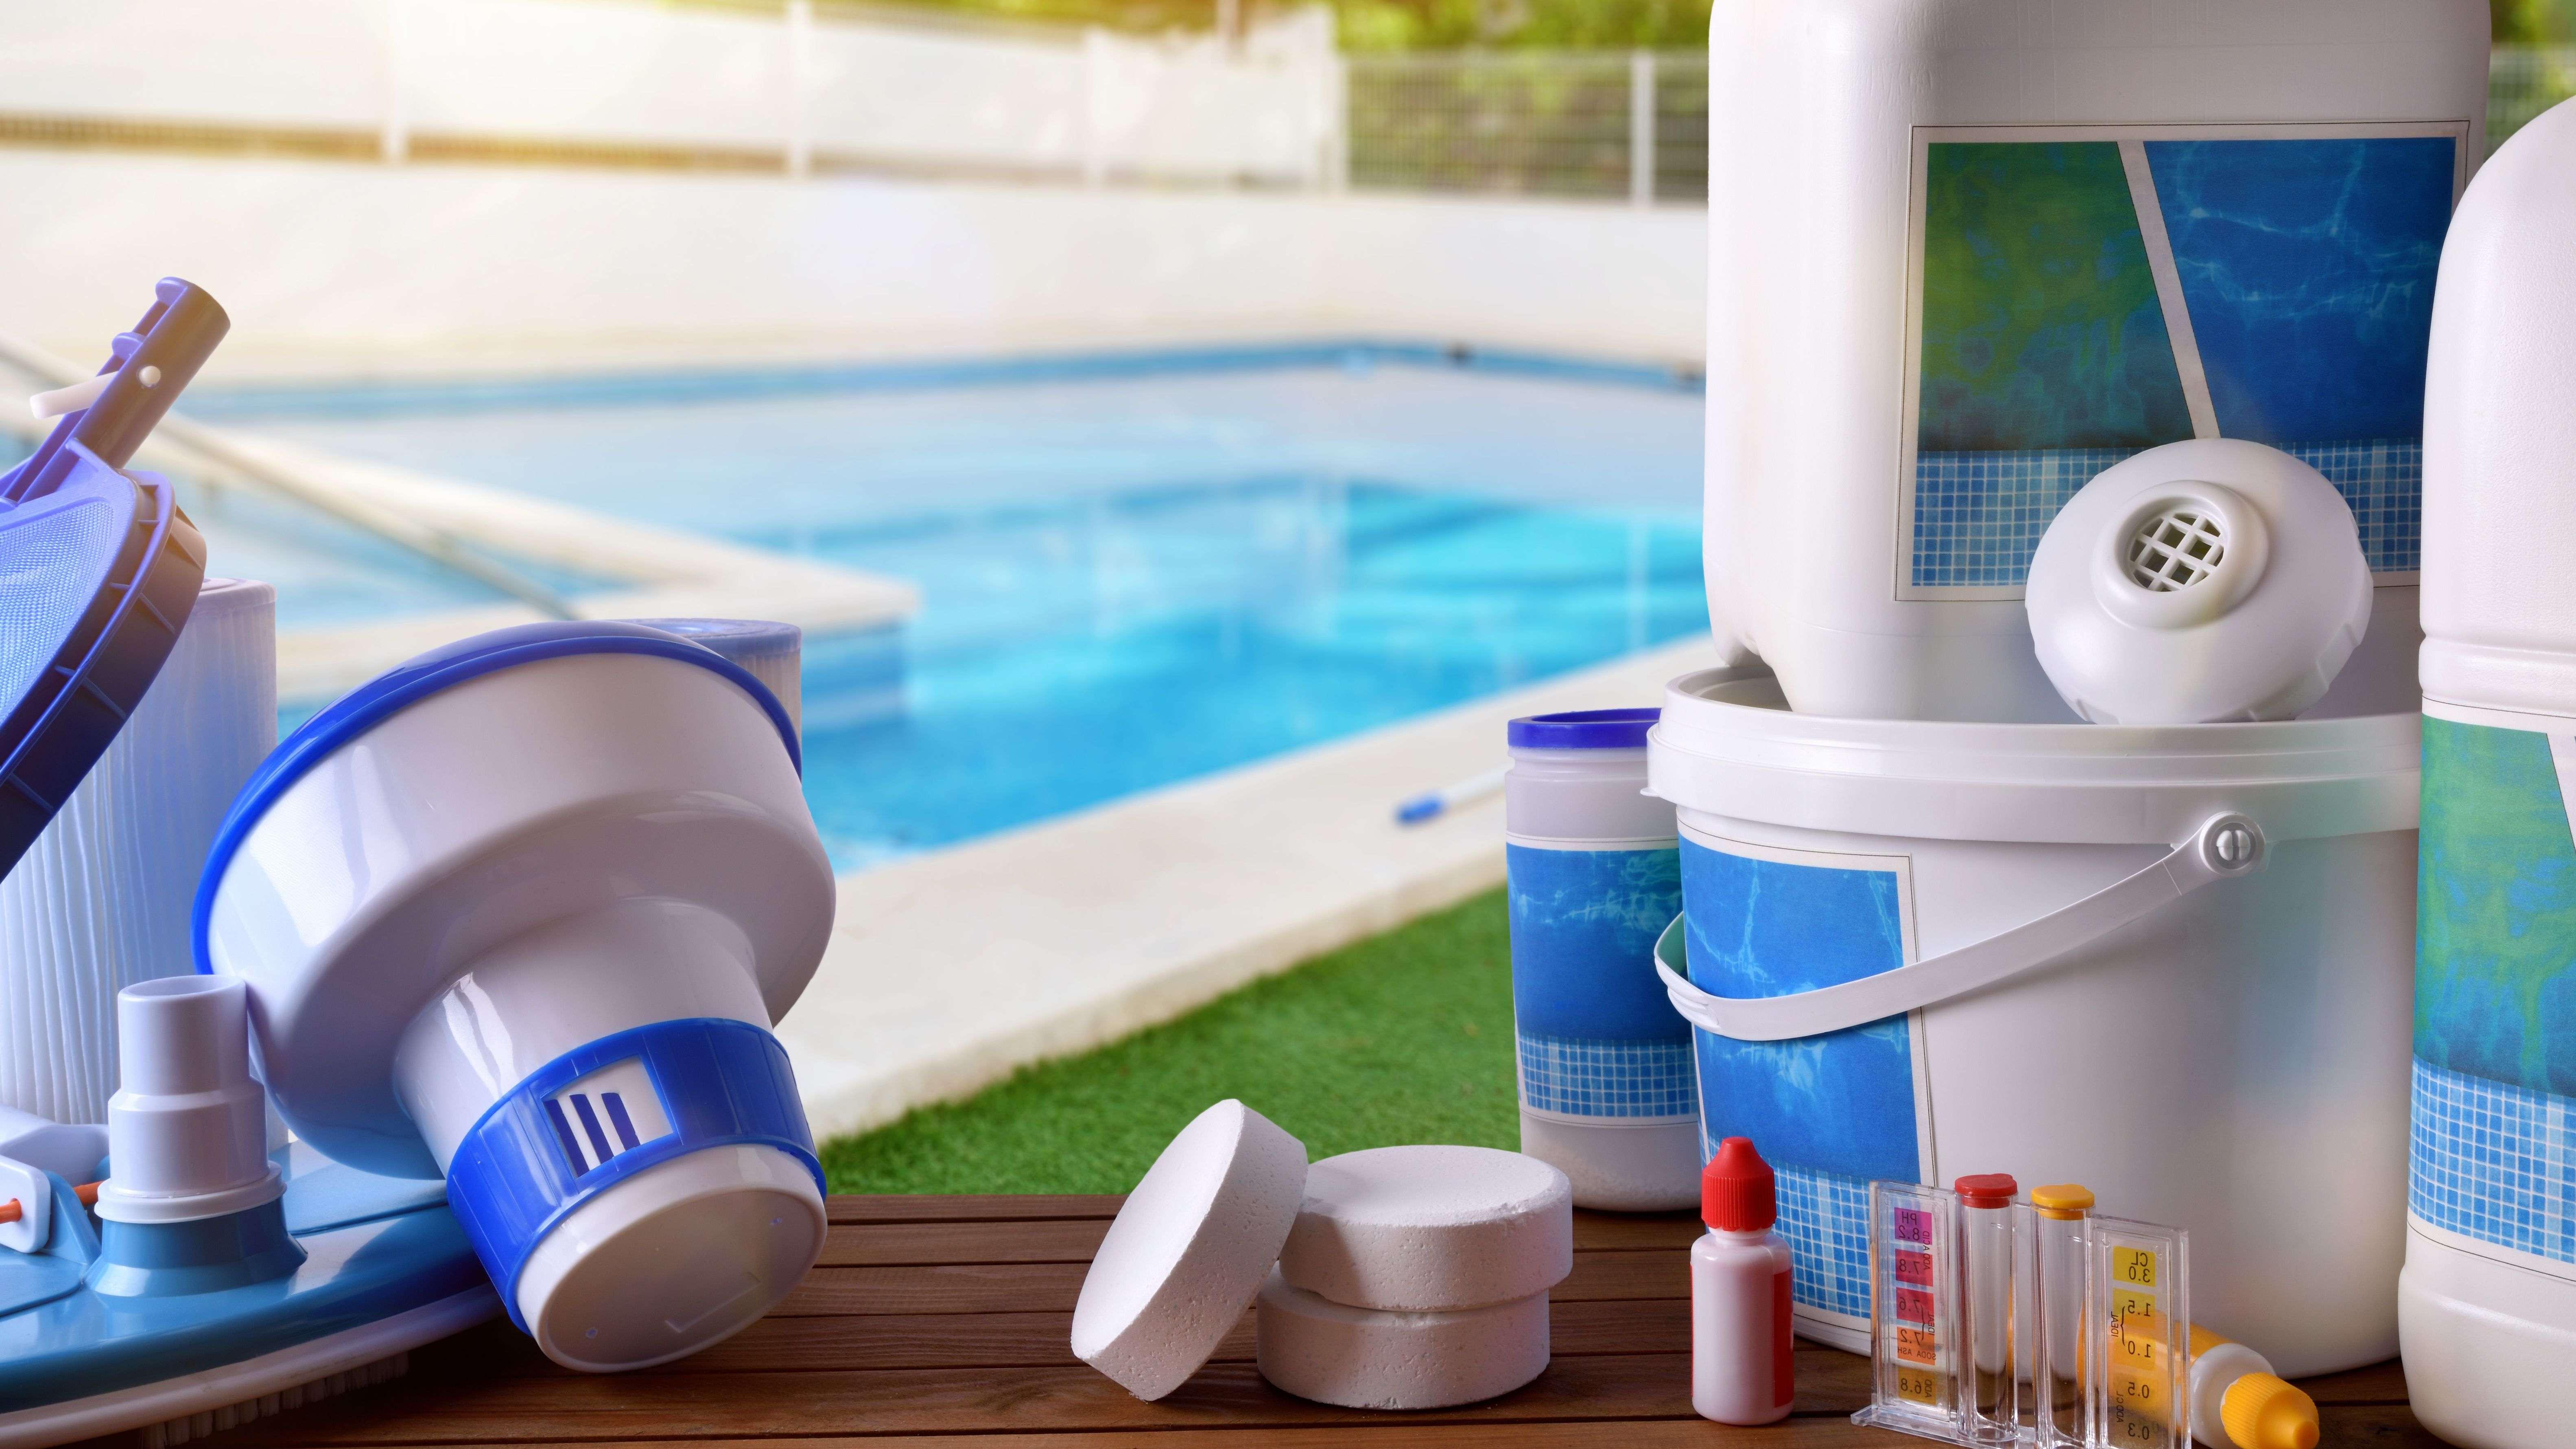 Comment choisir des produits d'entretien de piscine ?